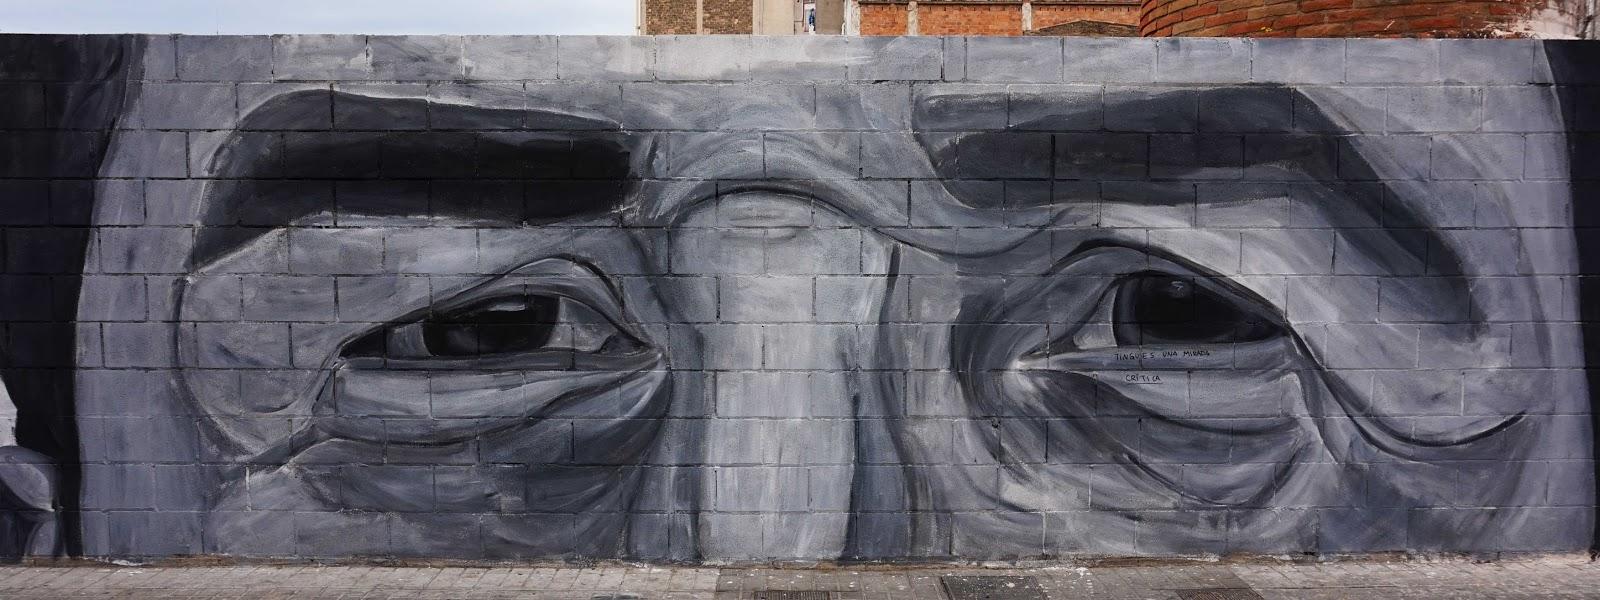 The look graffiti